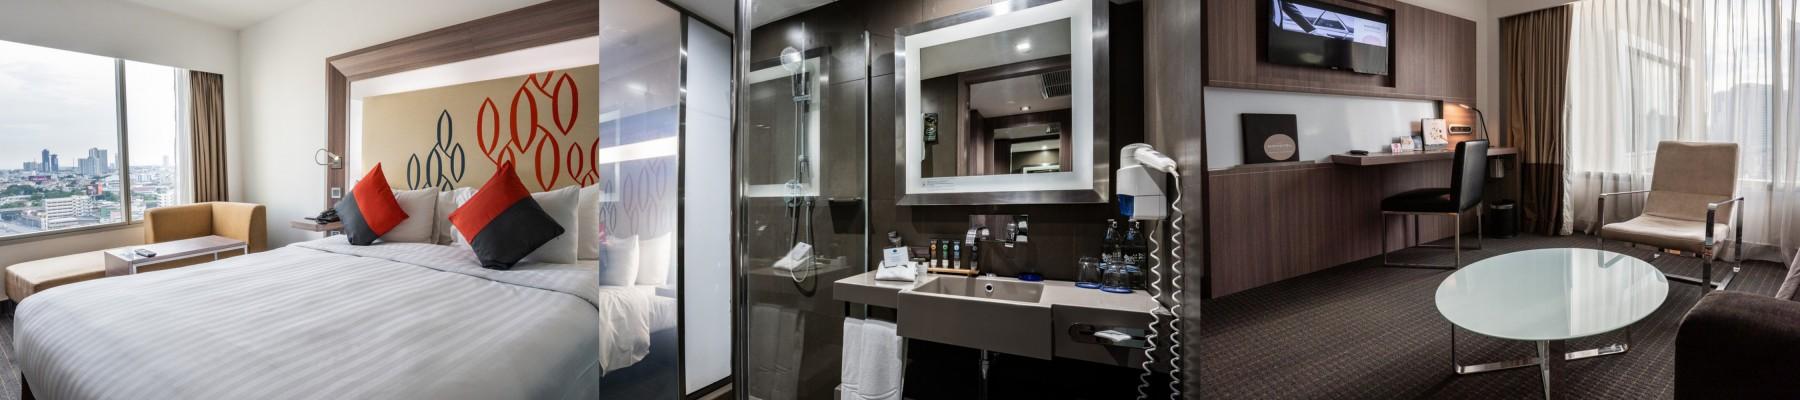 โปรโมชั่นโรงแรมช่วงสงกรานต์